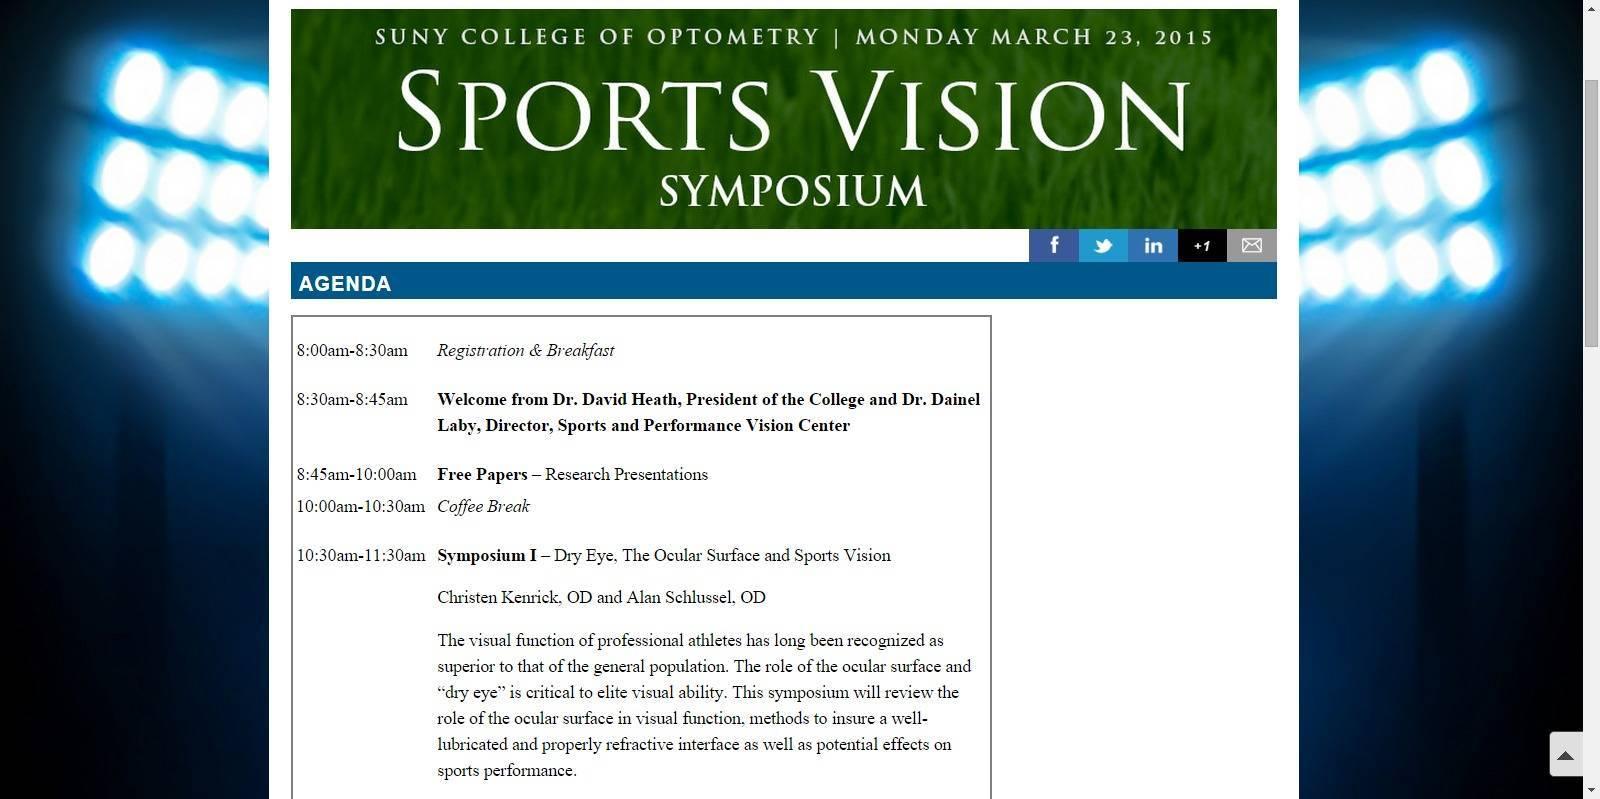 Sports Vision Symposium